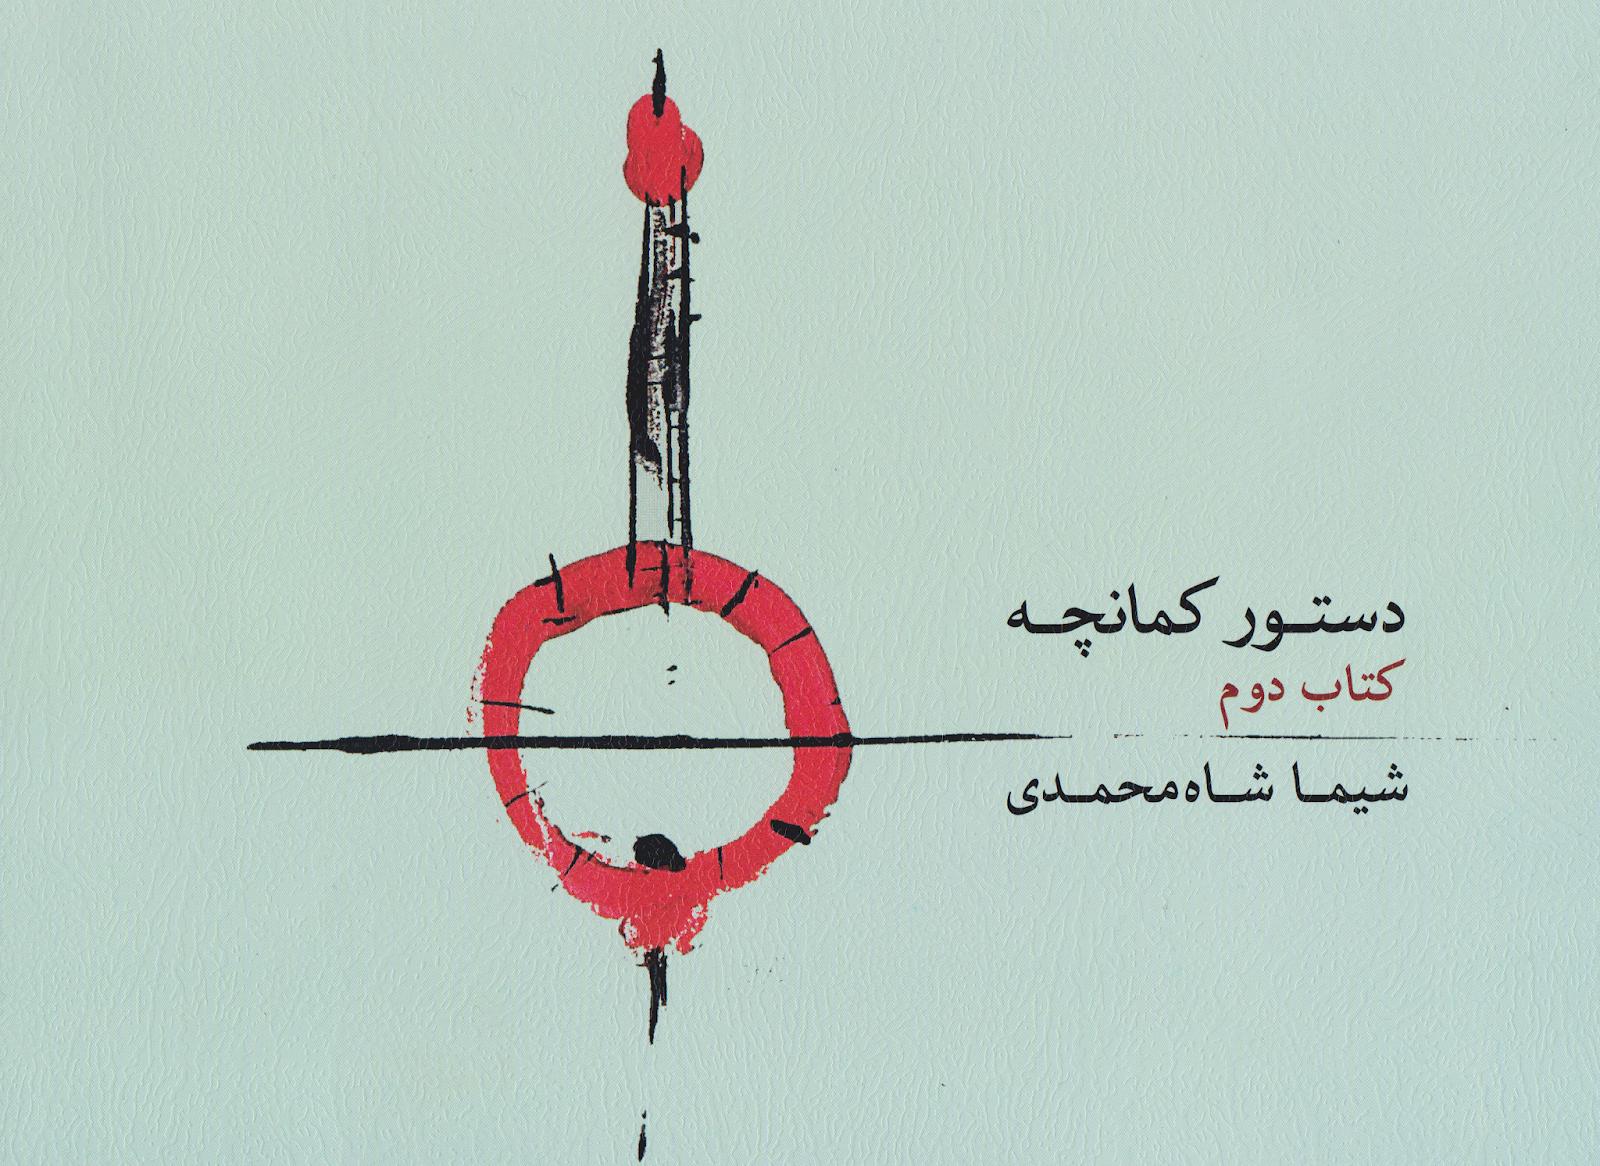 کتاب دوم دستور کمانچه شیما شاهمحمدی انتشارات ماهور